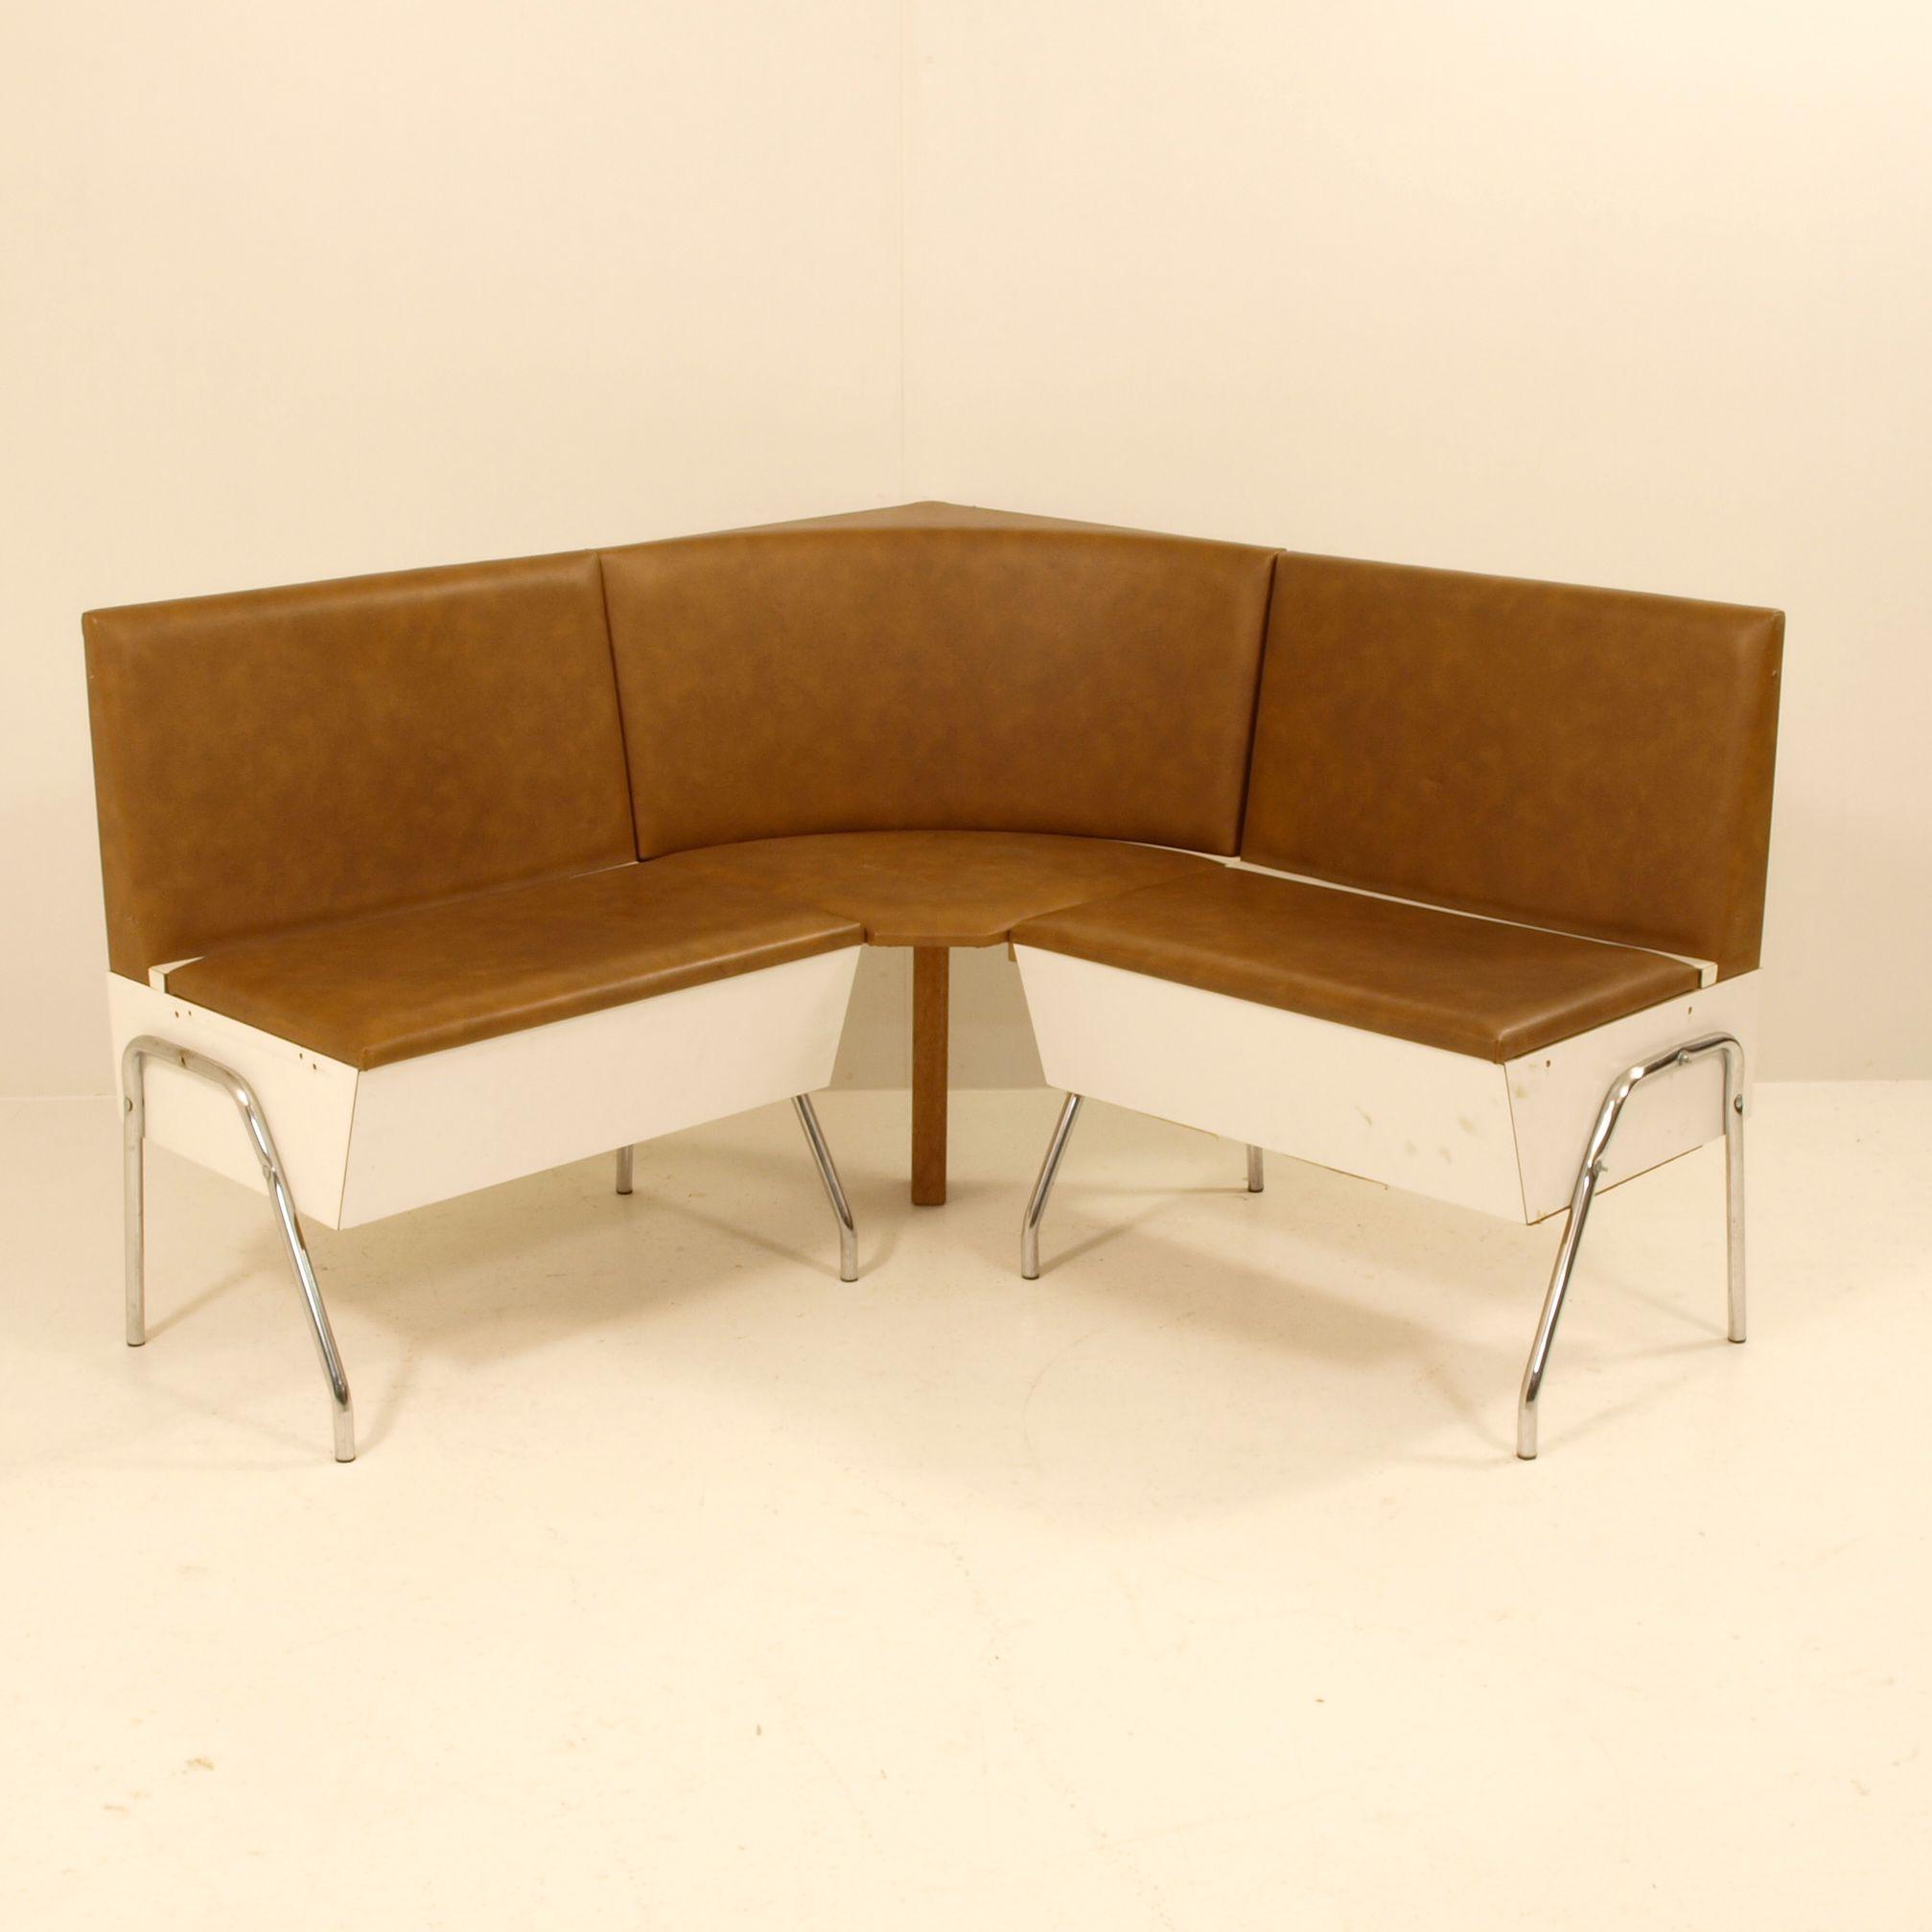 eckbank m bel z rich vintagem bel. Black Bedroom Furniture Sets. Home Design Ideas